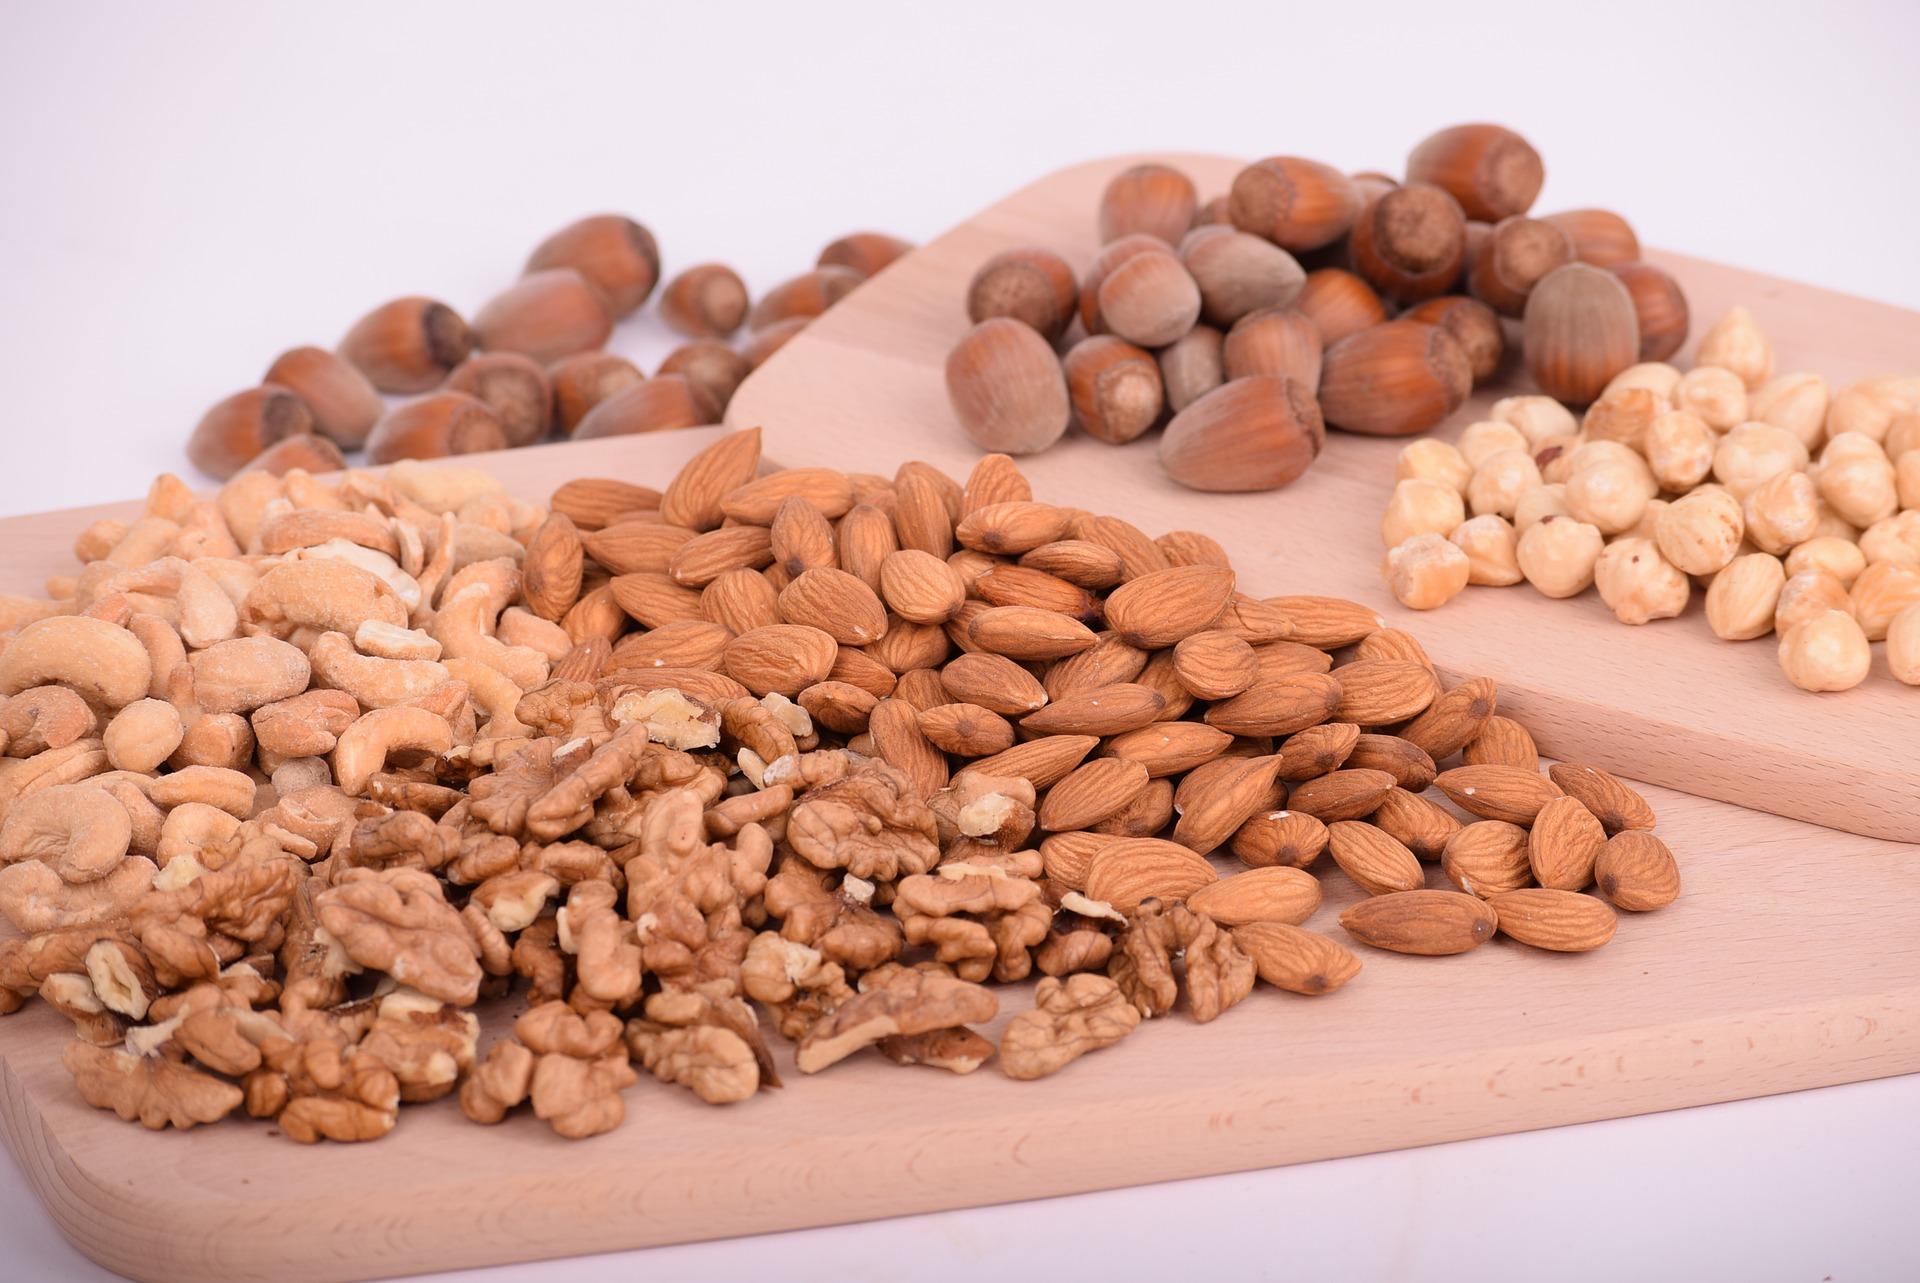 L'acide alpha-linolénique est présent dans les noix.